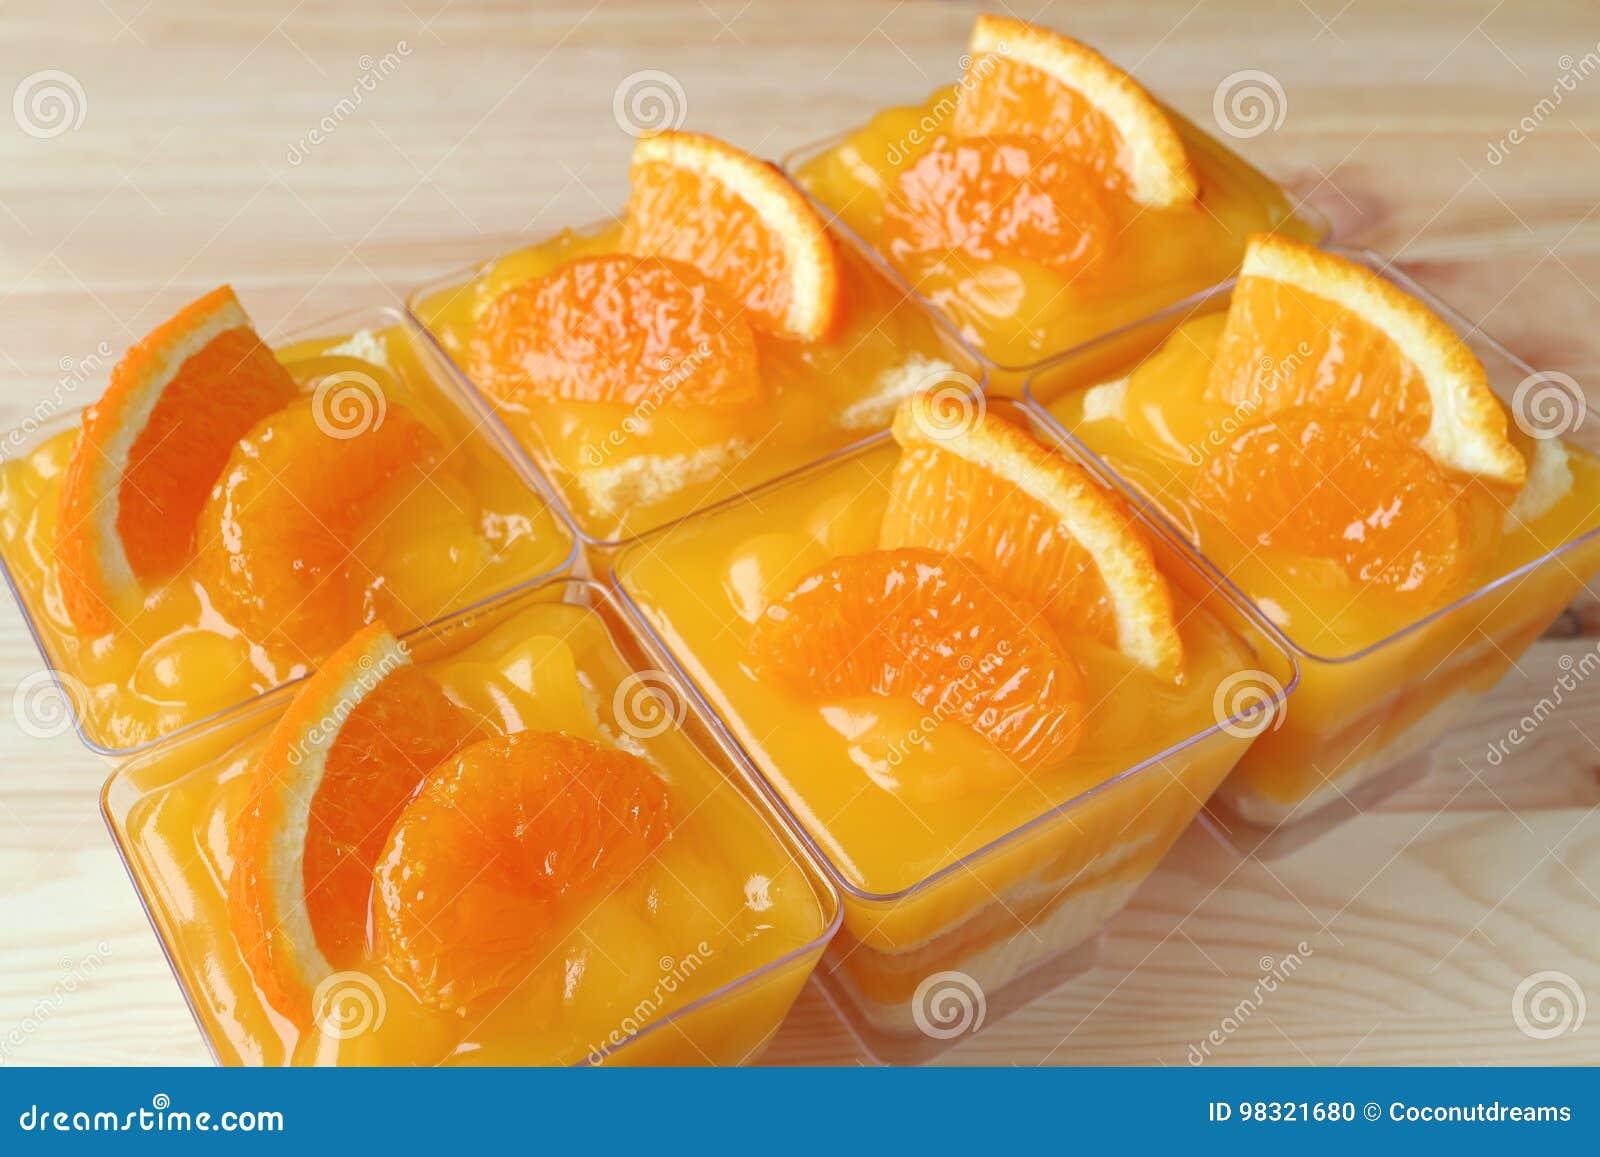 Rott upp mandarinkakor som överträffas med nya apelsiner i Glass bunkar